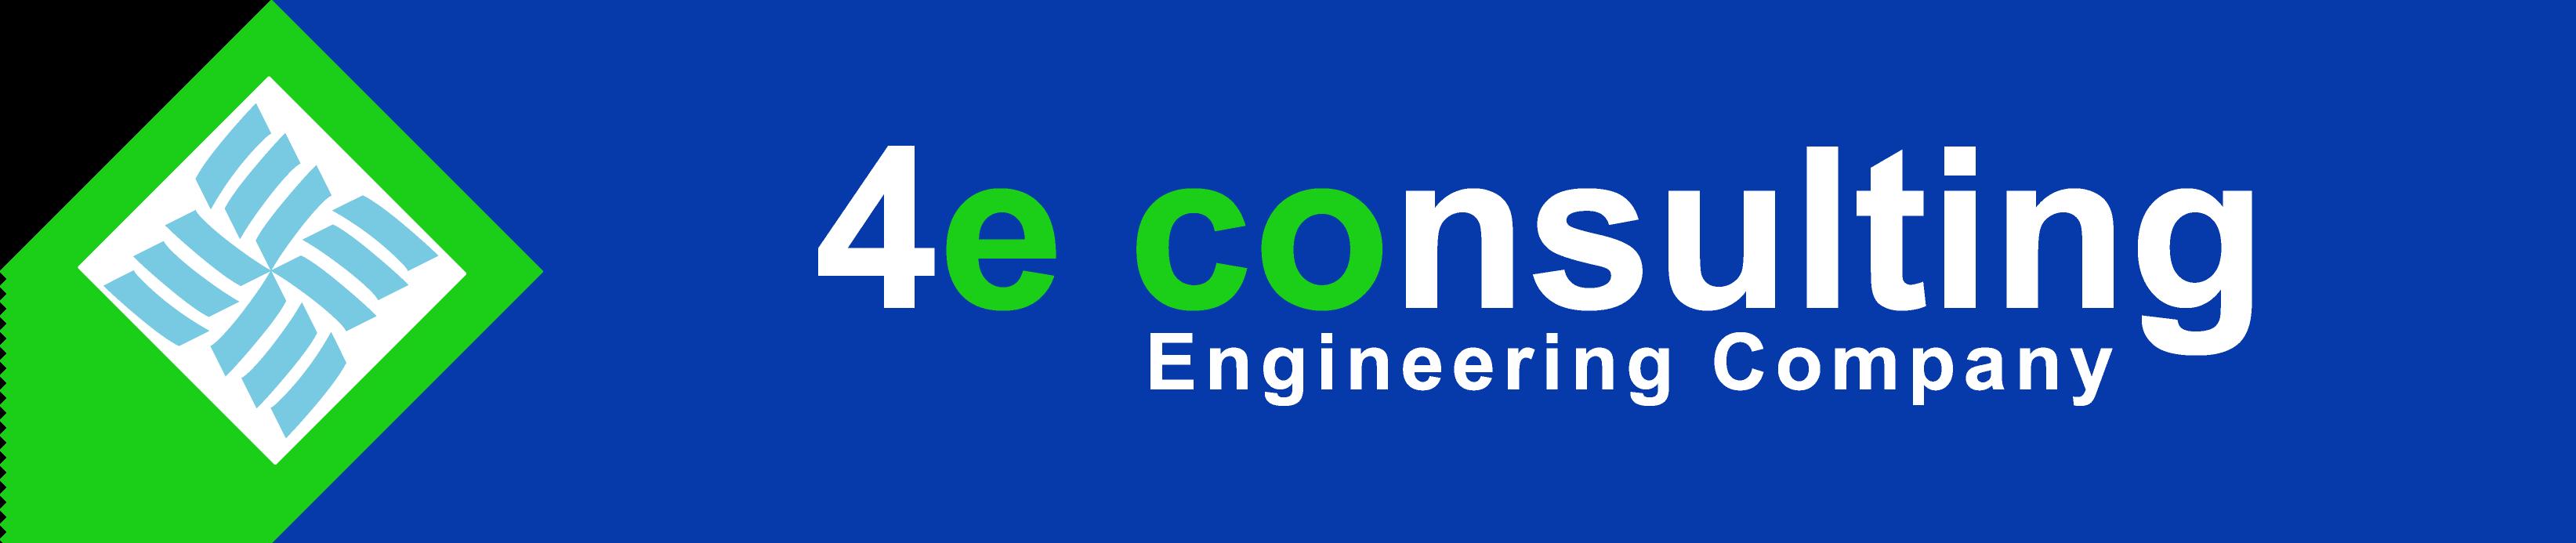 4-e consulting